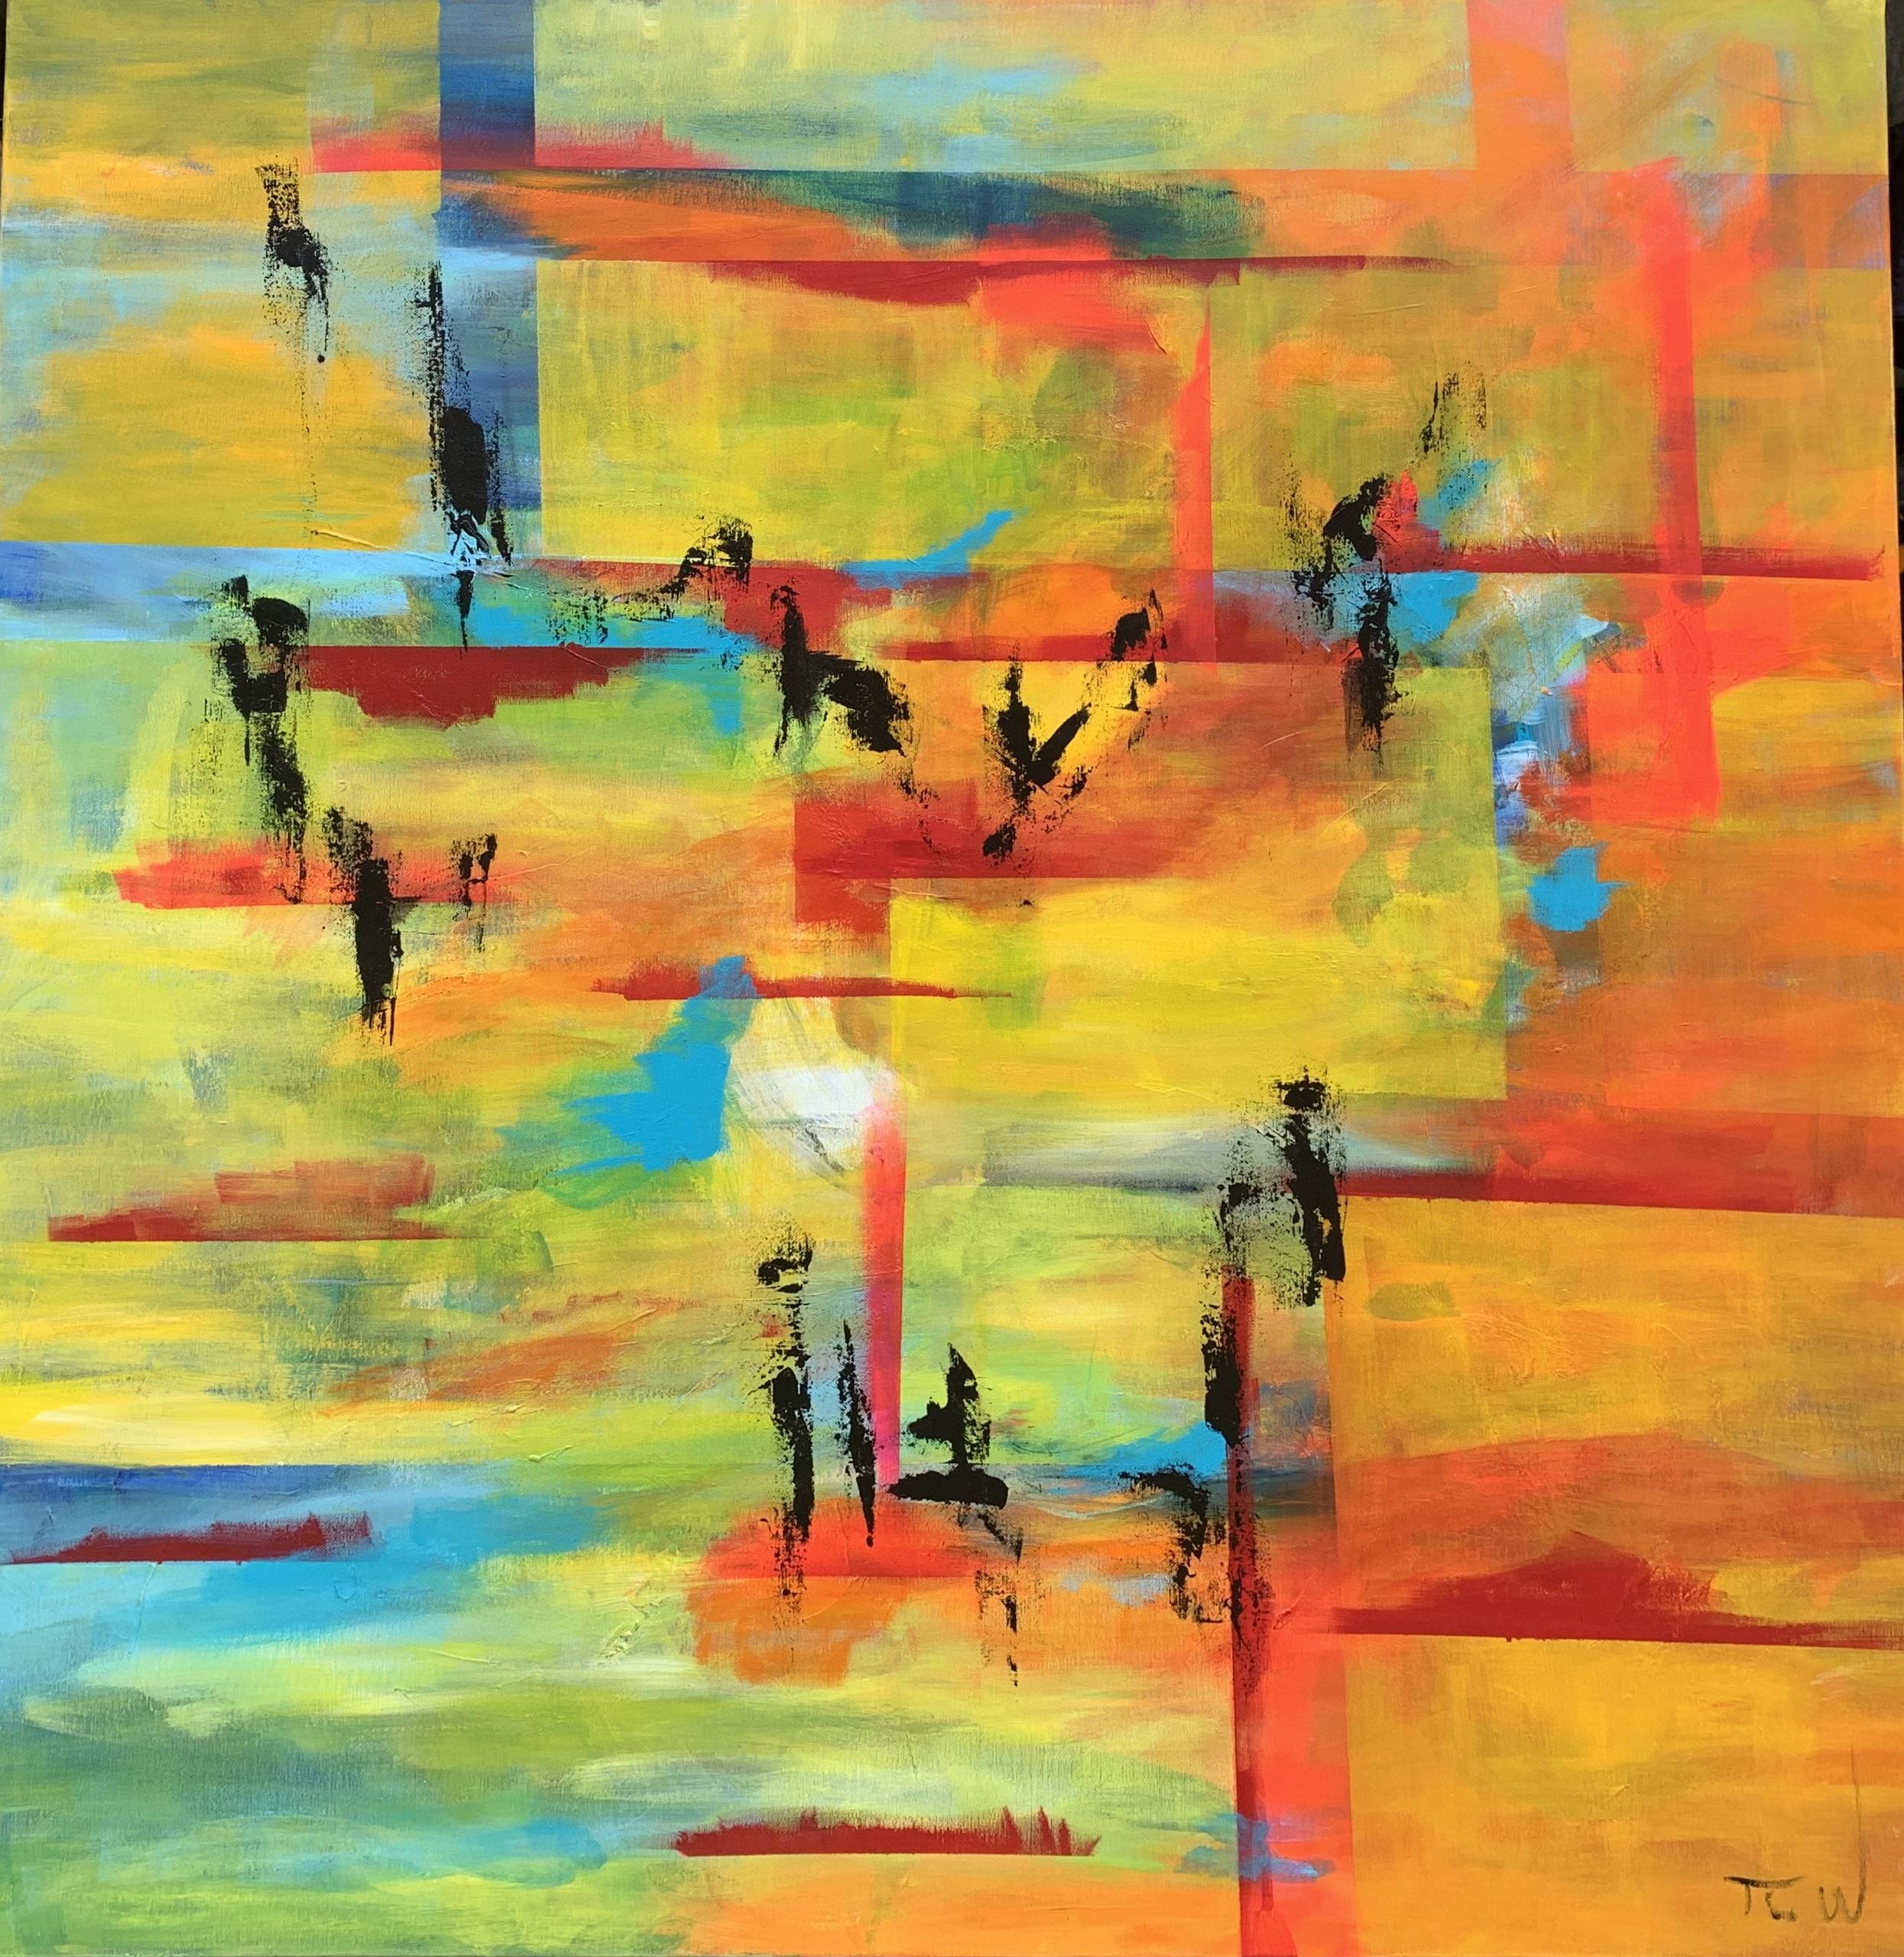 De røde lige streger giver liv  og sammenhæng i maleriet. Samtidig vises de åbne grænser som i mine tanker er tilstanden mellem vågen og drøm - kan også ses som et håb for en verden i forandring.